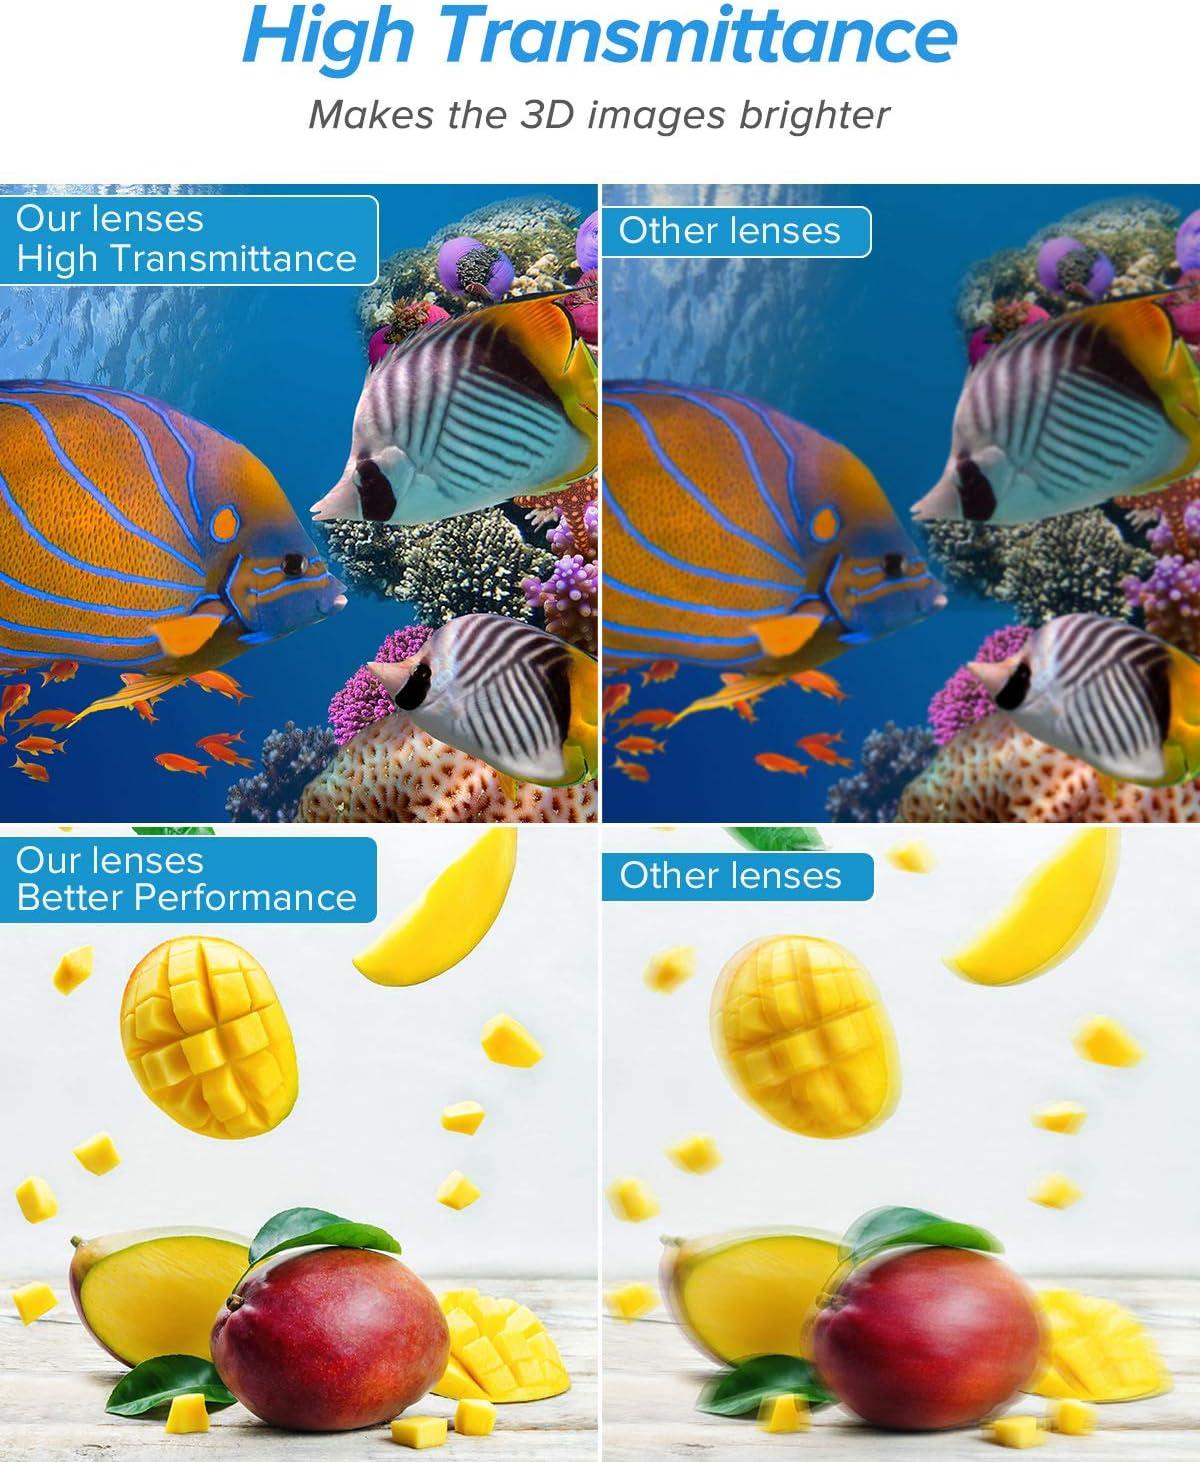 Compatible with Acer BenQ 4 Pack Rechargeable 3D Active Active Shutter Glasses for 3D DLP Projectors ViewSonic Vivitek Panasonic Dell Optoma Viewsonic Elikliv 144 Hz DLP Link 3D Glasses